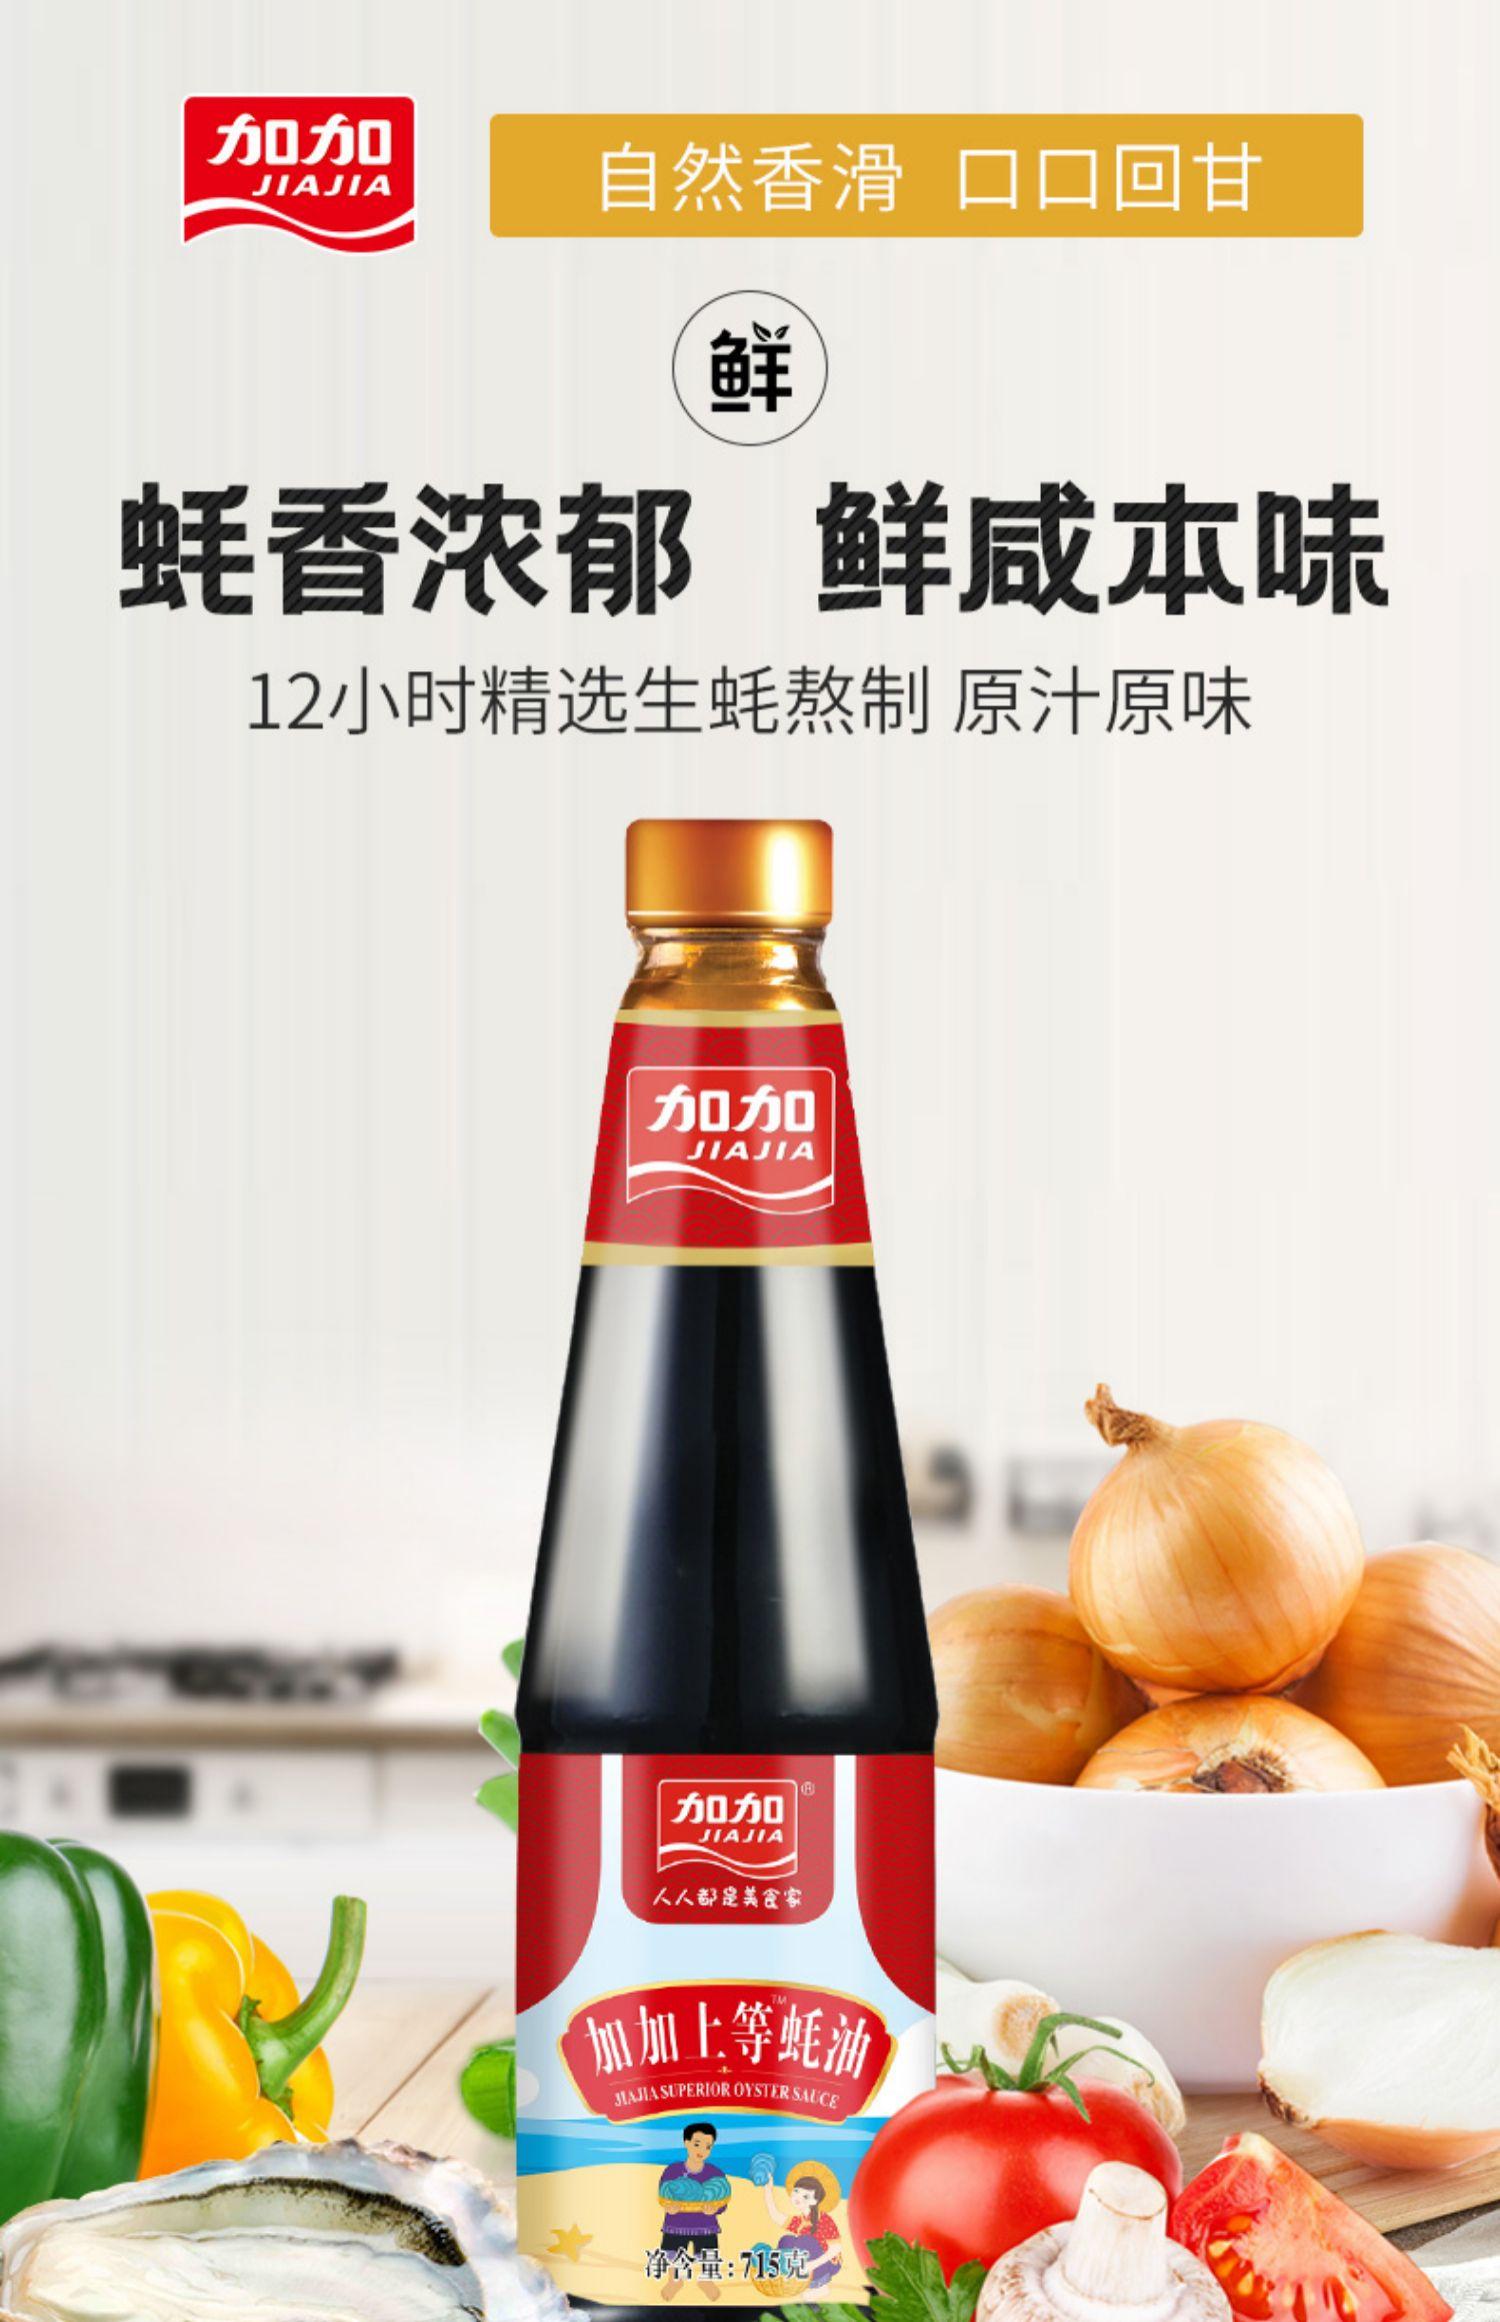 【加加】上等蚝油715g*3瓶